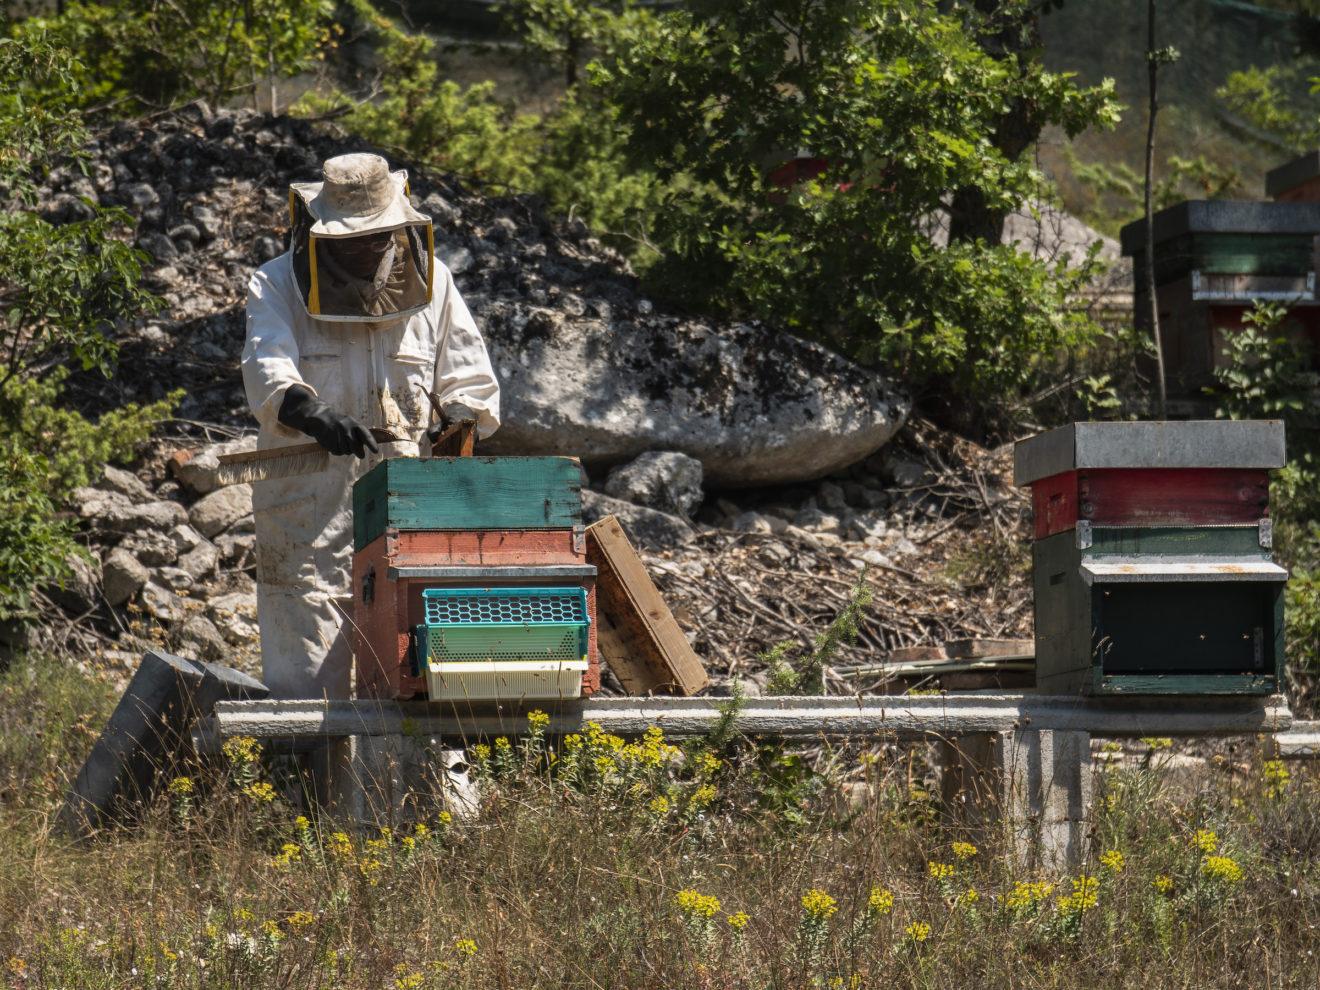 Apicoltore in un apiario